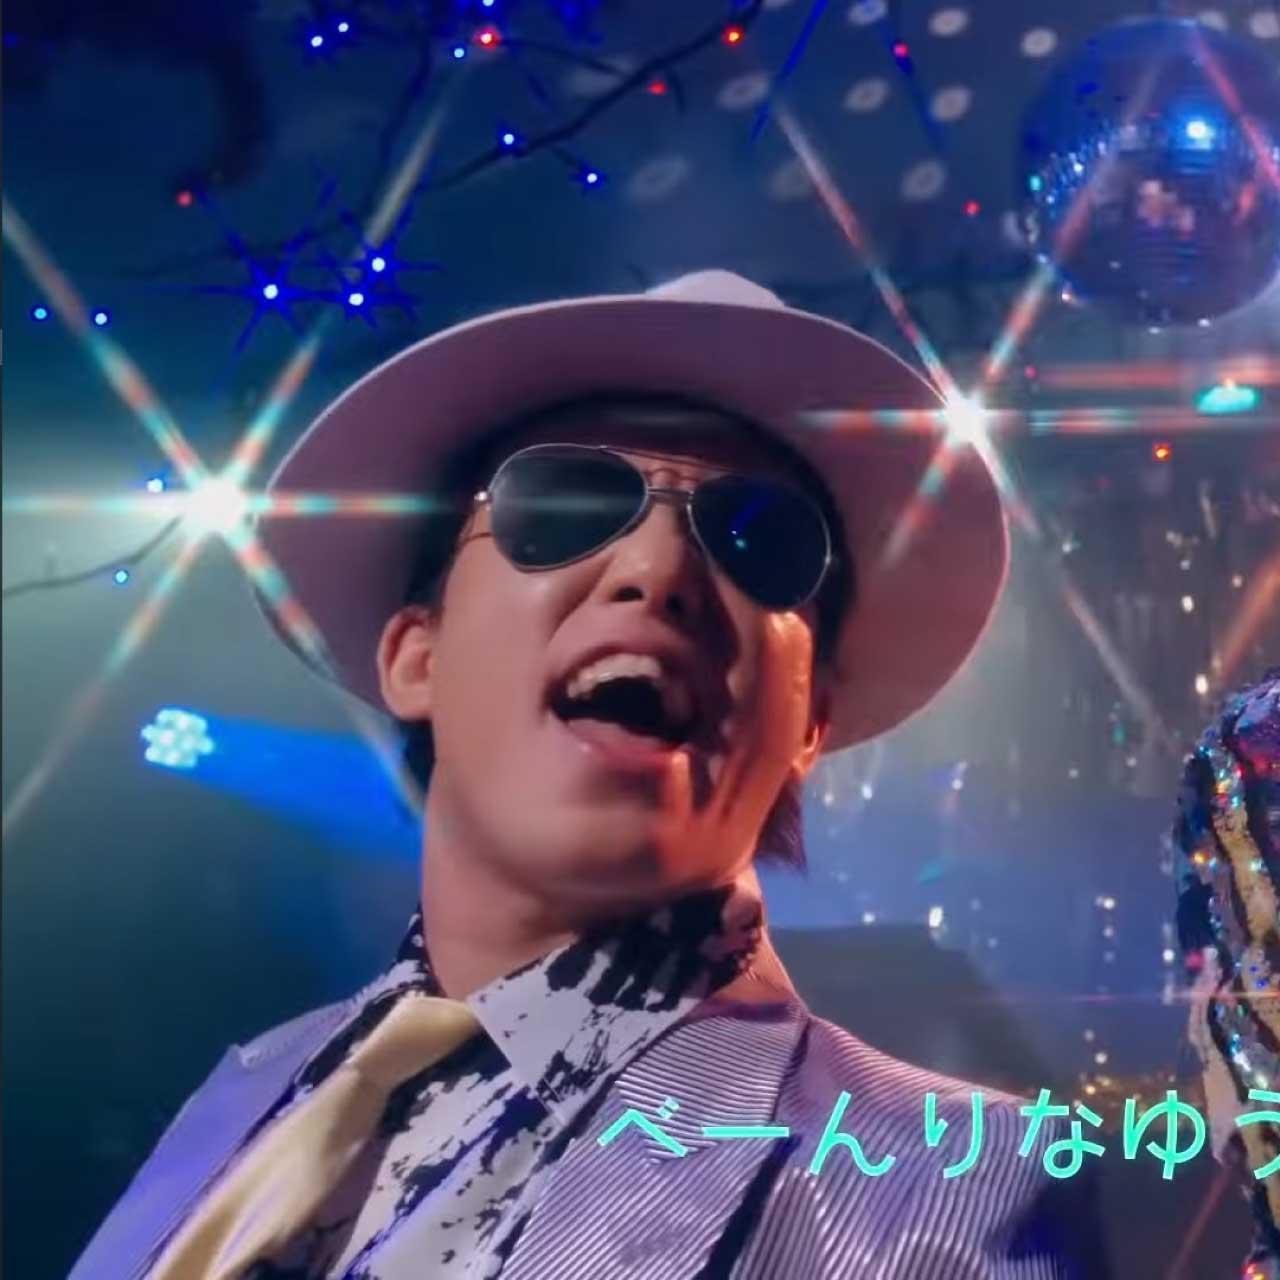 ゆうちょpay 虹色侍